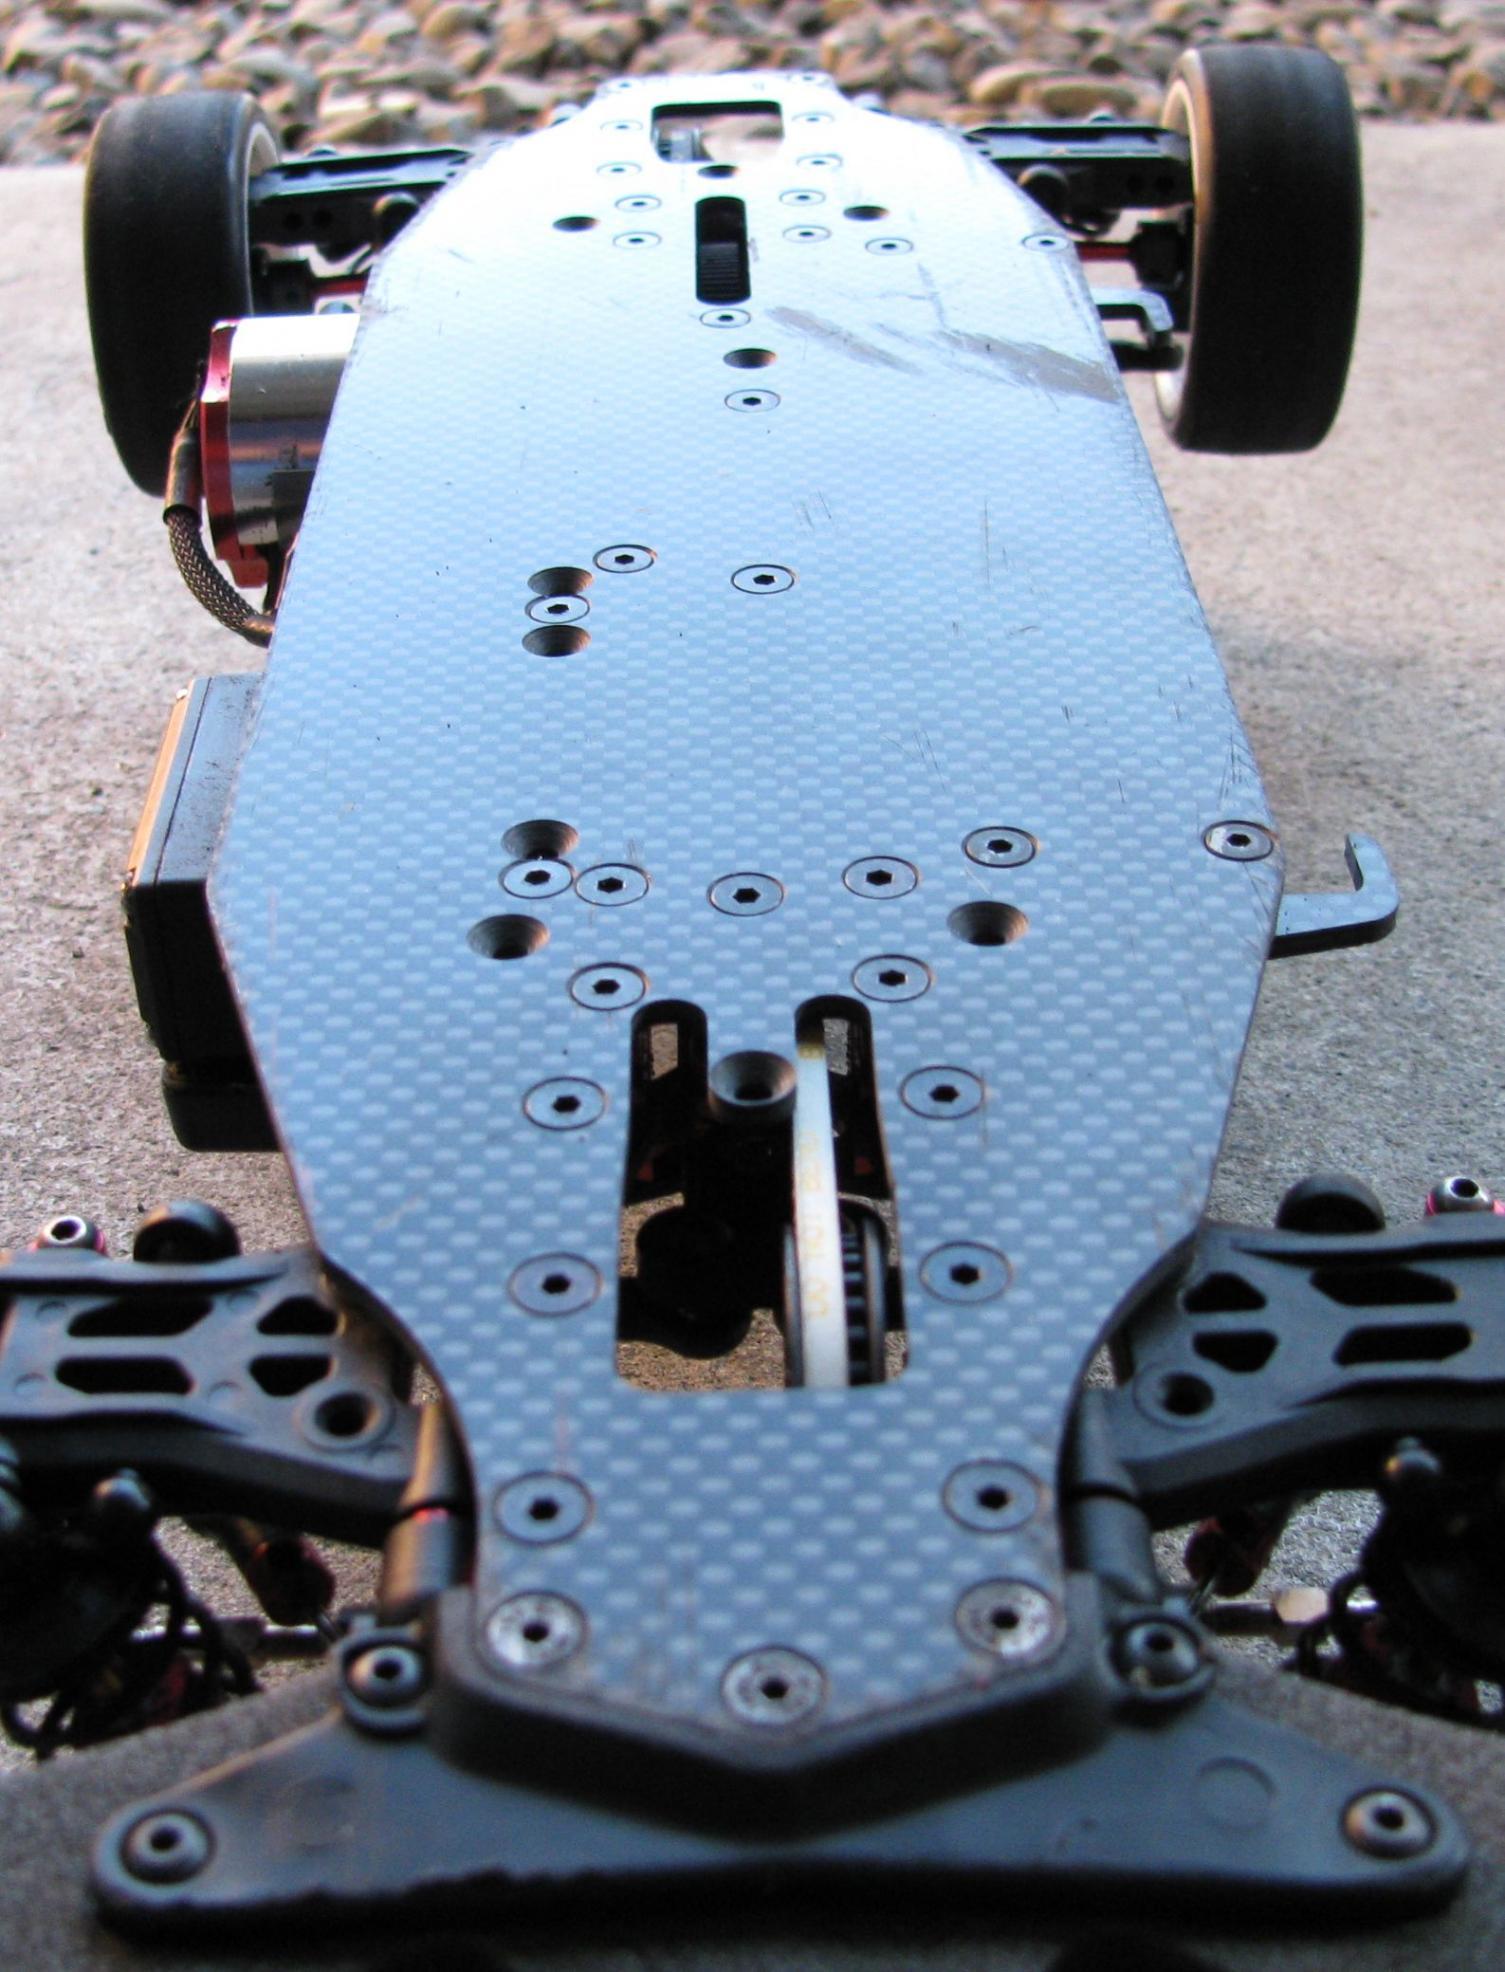 767451d1308067934-t-o-p-racing-photon-1-10-ep-touring-car-img_0175.jpg